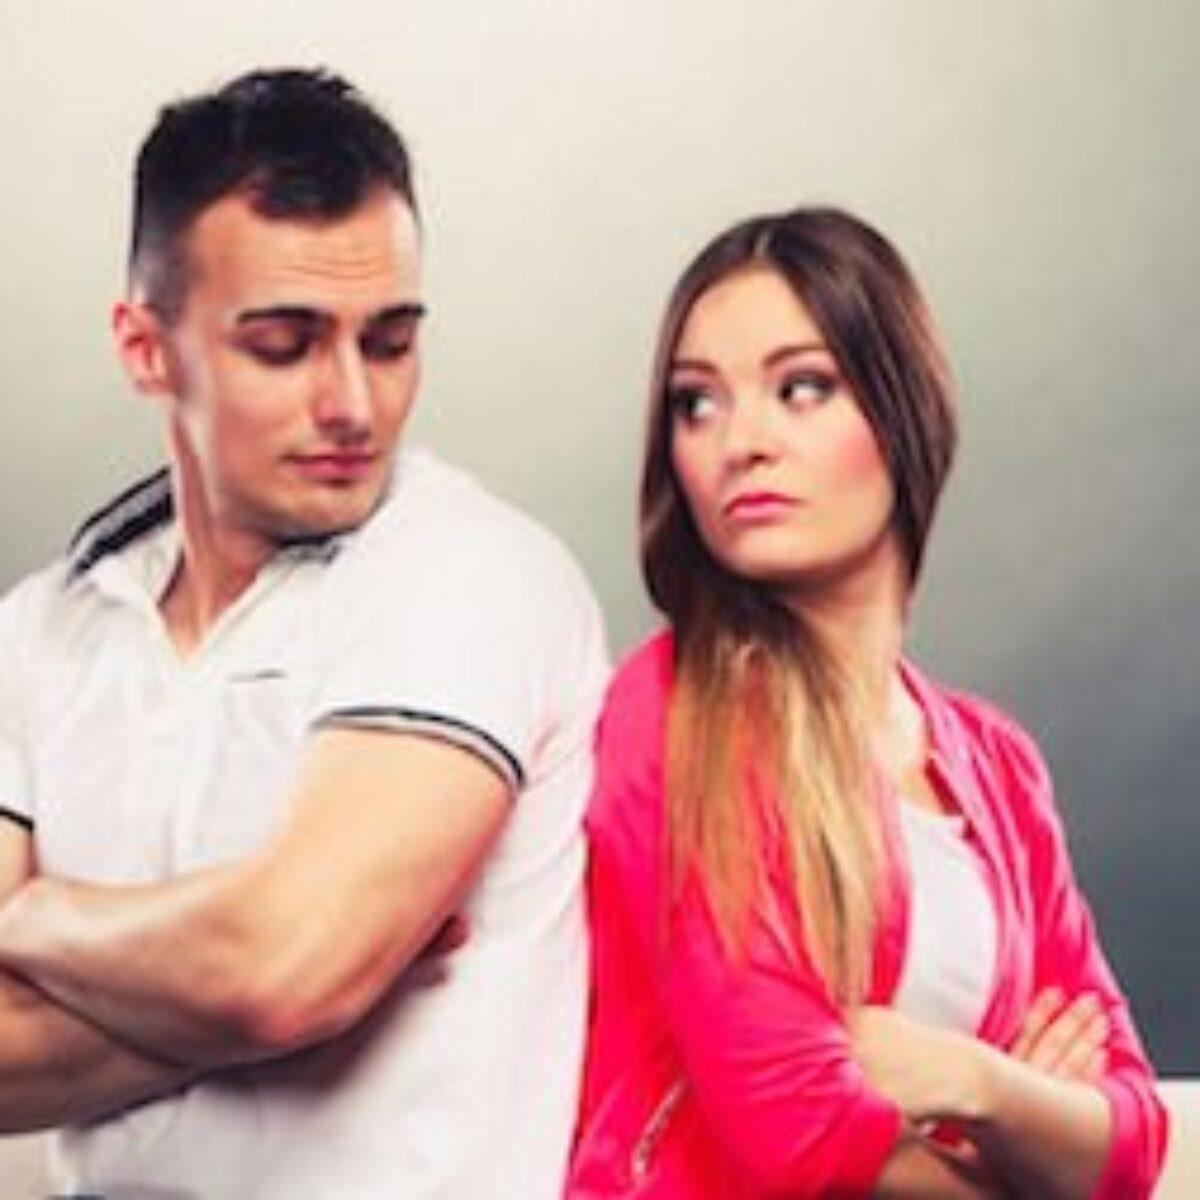 nuovo padre divorziato dating